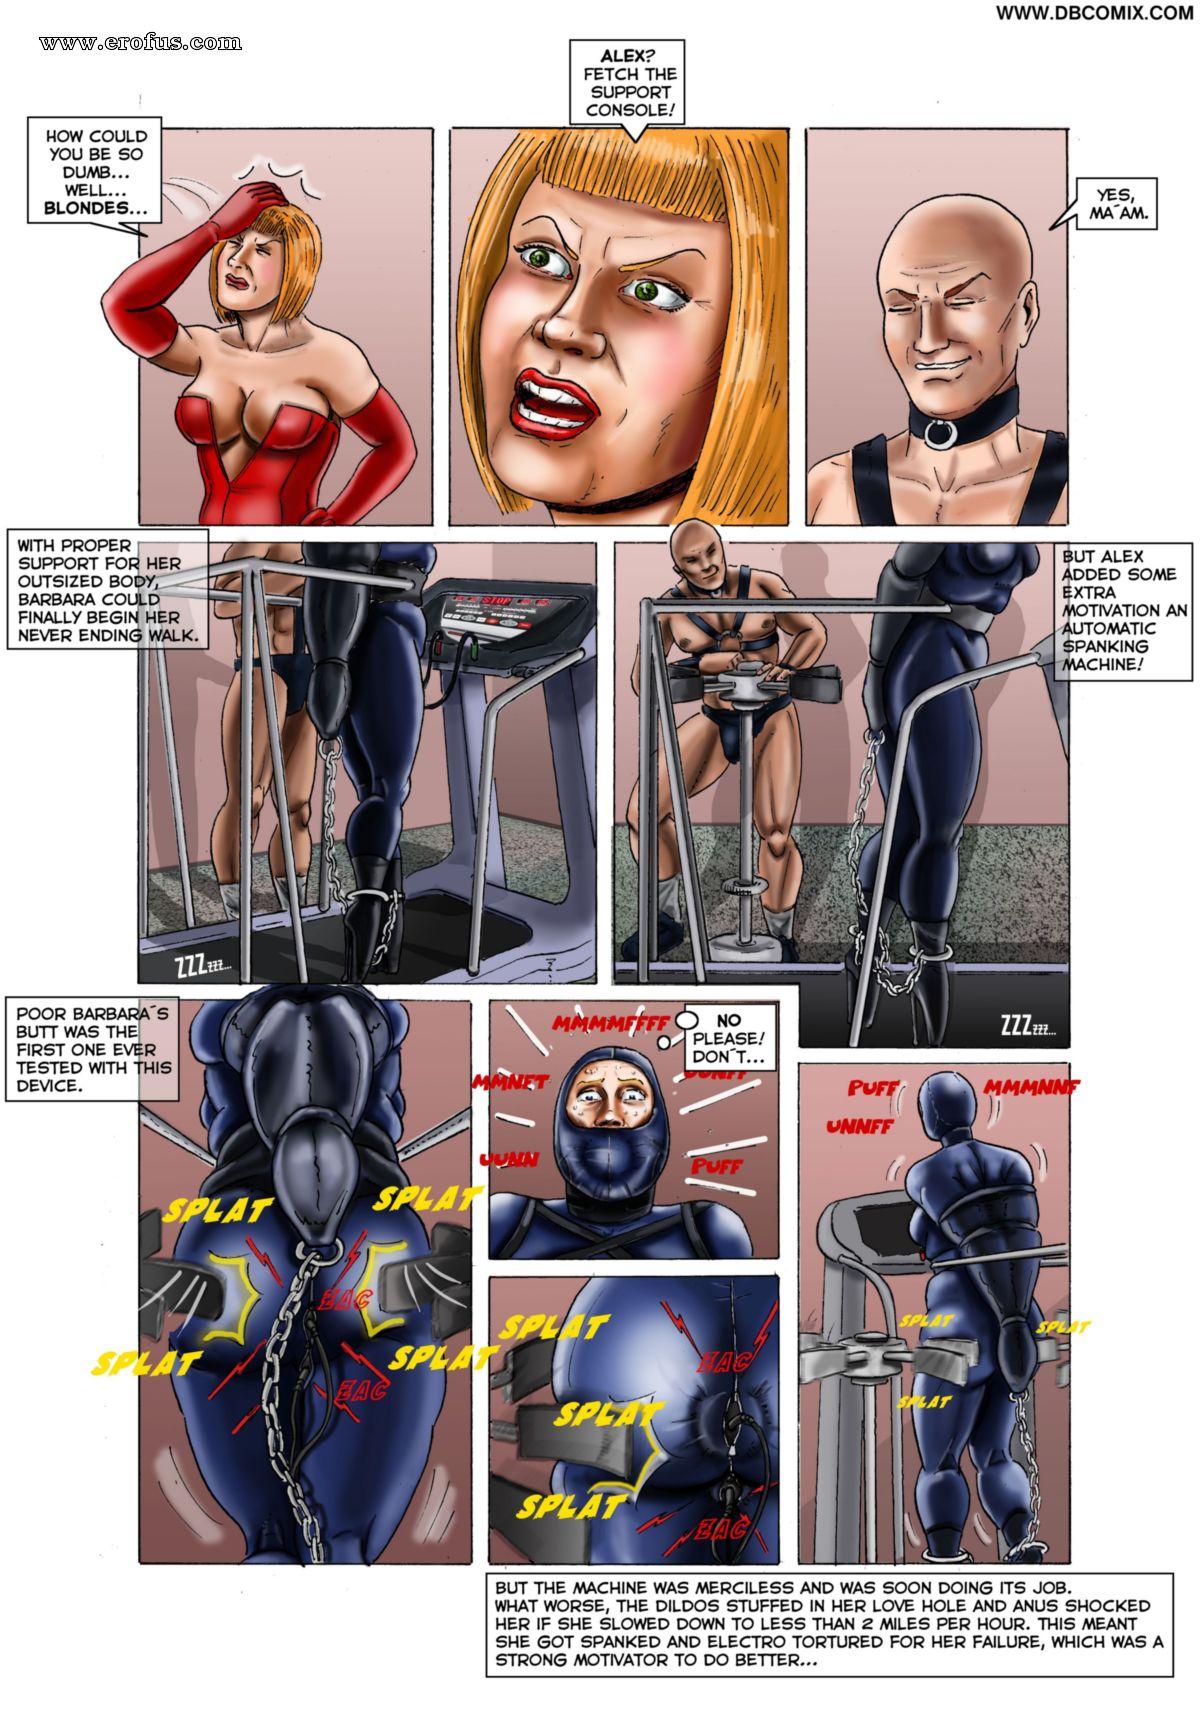 Comics bondage Top 10